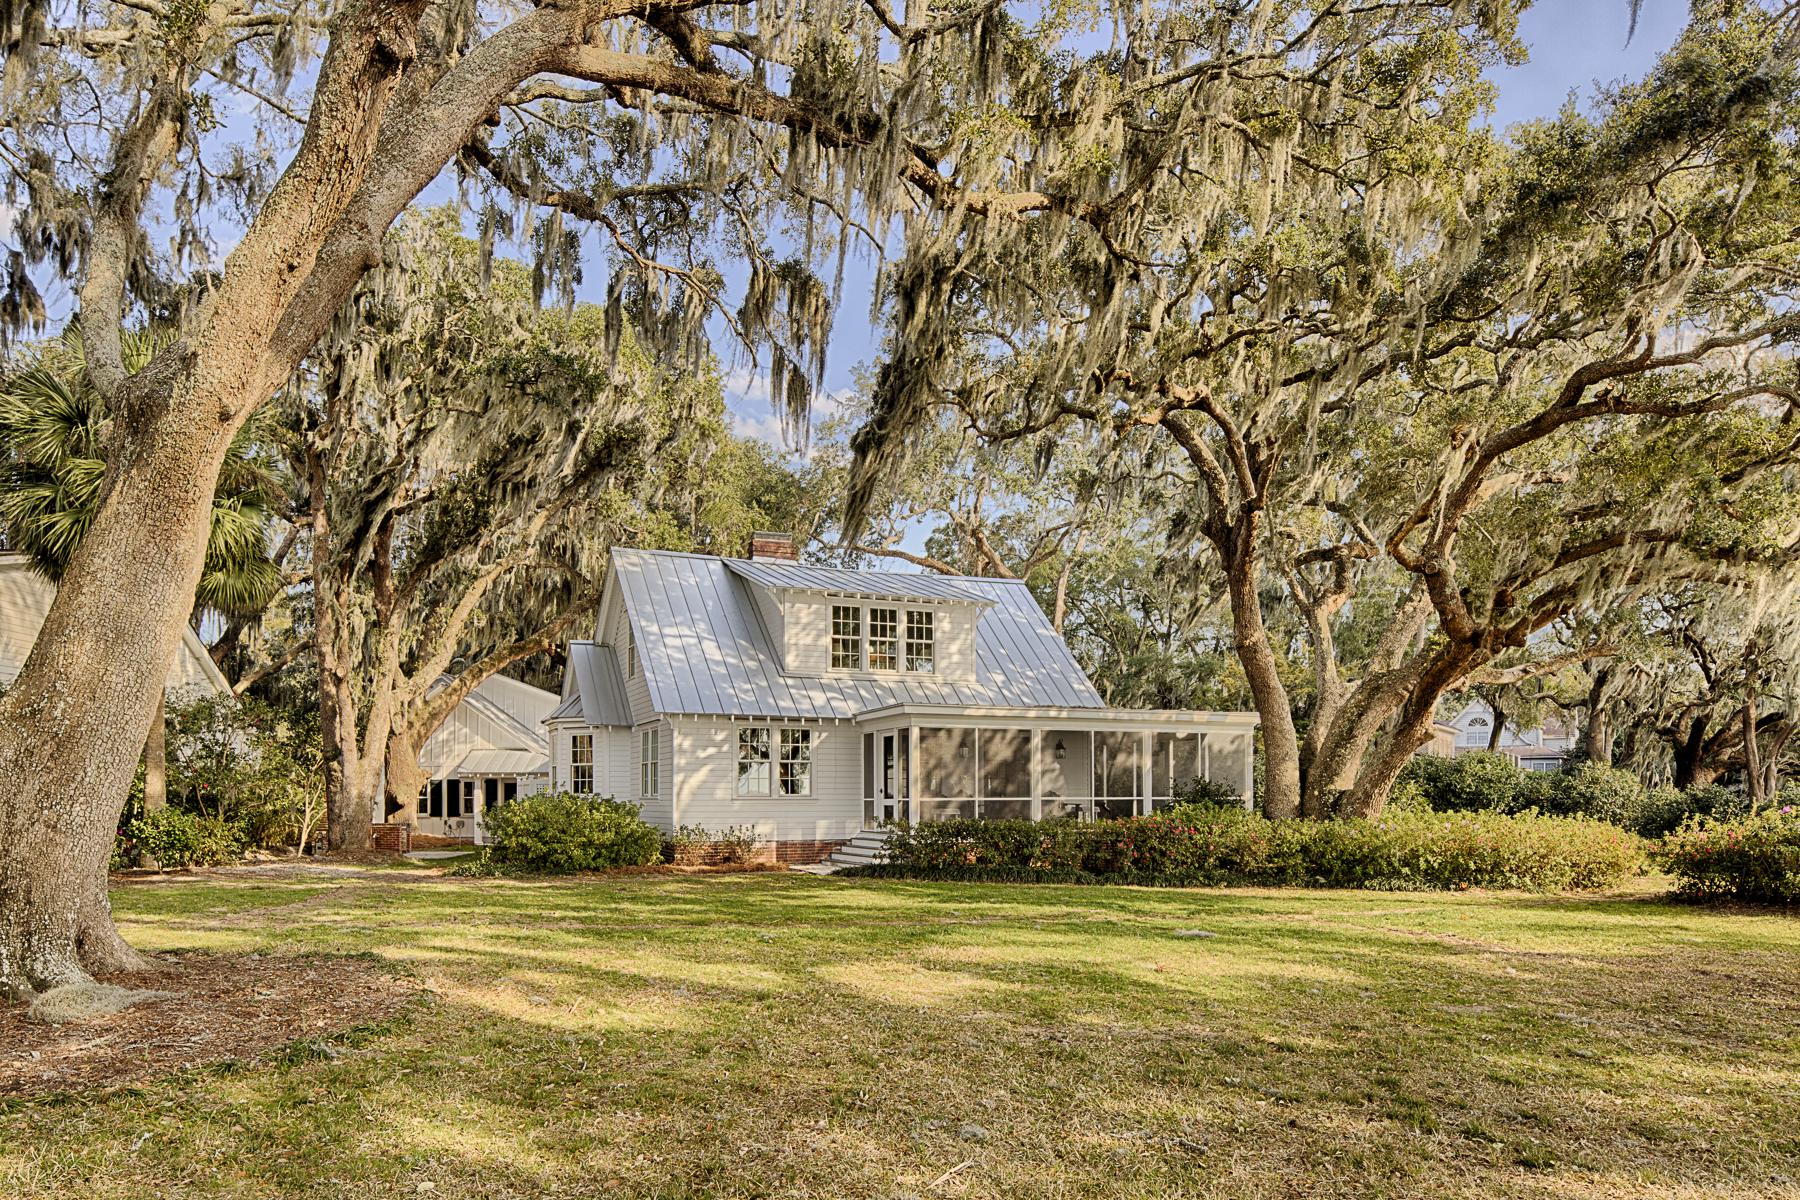 一戸建て のために 売買 アット Porpoise Point 1760 Porpoise Pt 1756 Wilmington Island Rd Savannah, ジョージア, 31410 アメリカ合衆国